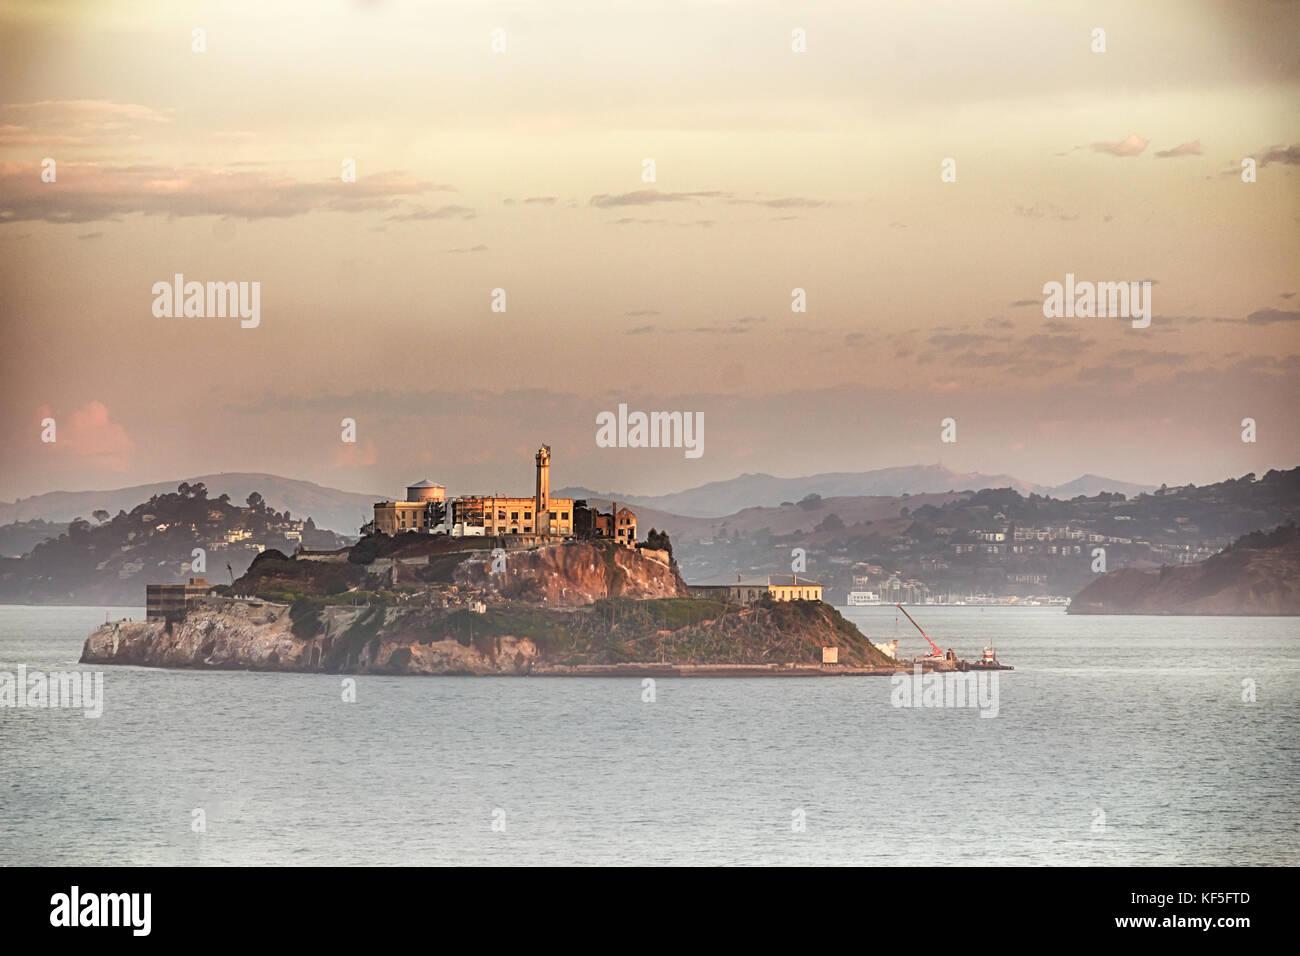 Die Insel Alcatraz in San Francisco, Film retro Style. Stockfoto